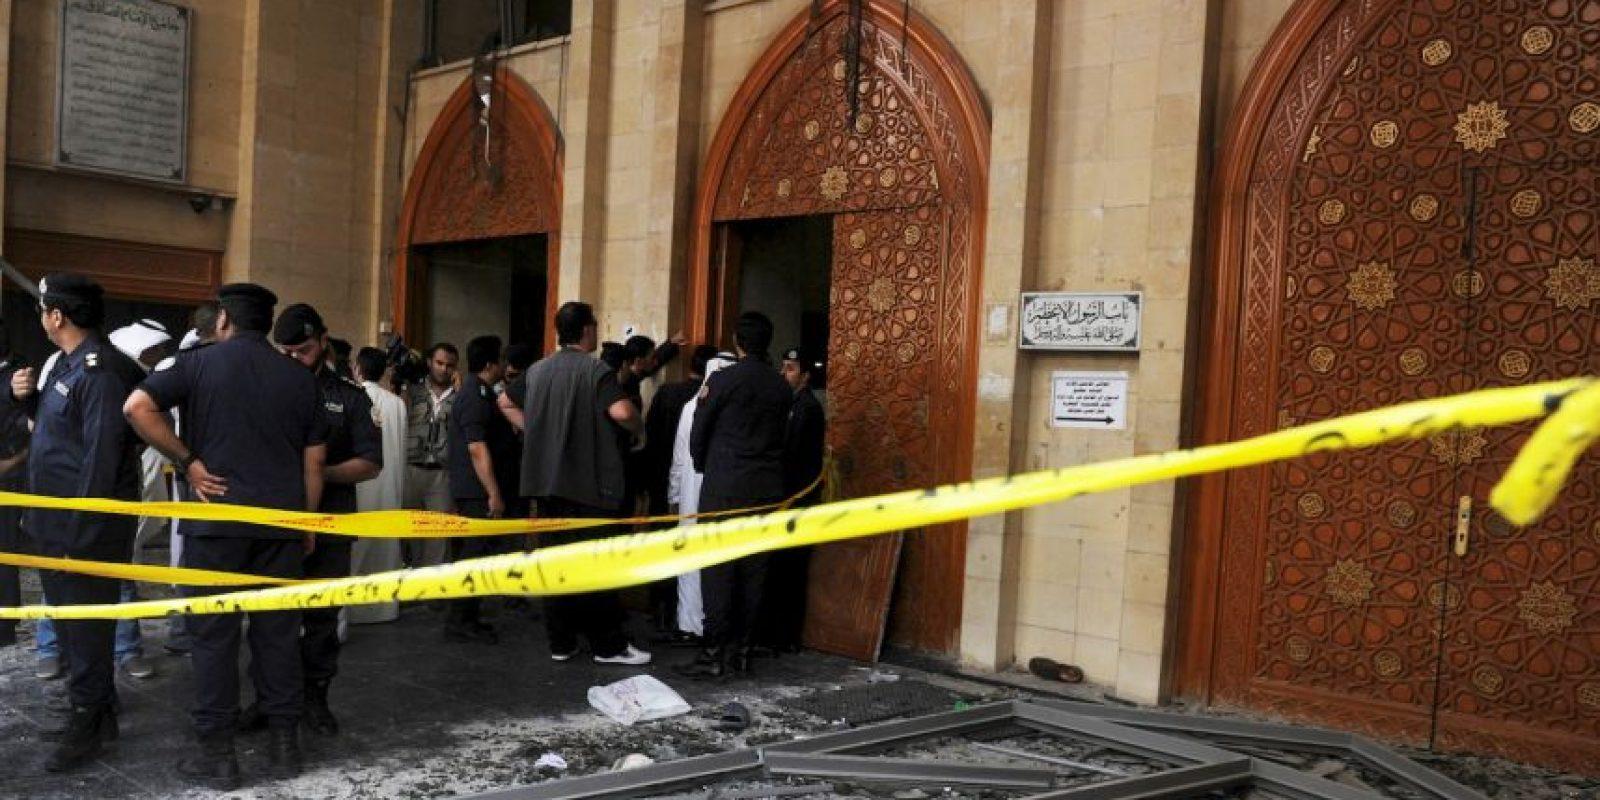 La explosión dejó al menos 25 muertos. Foto:AP